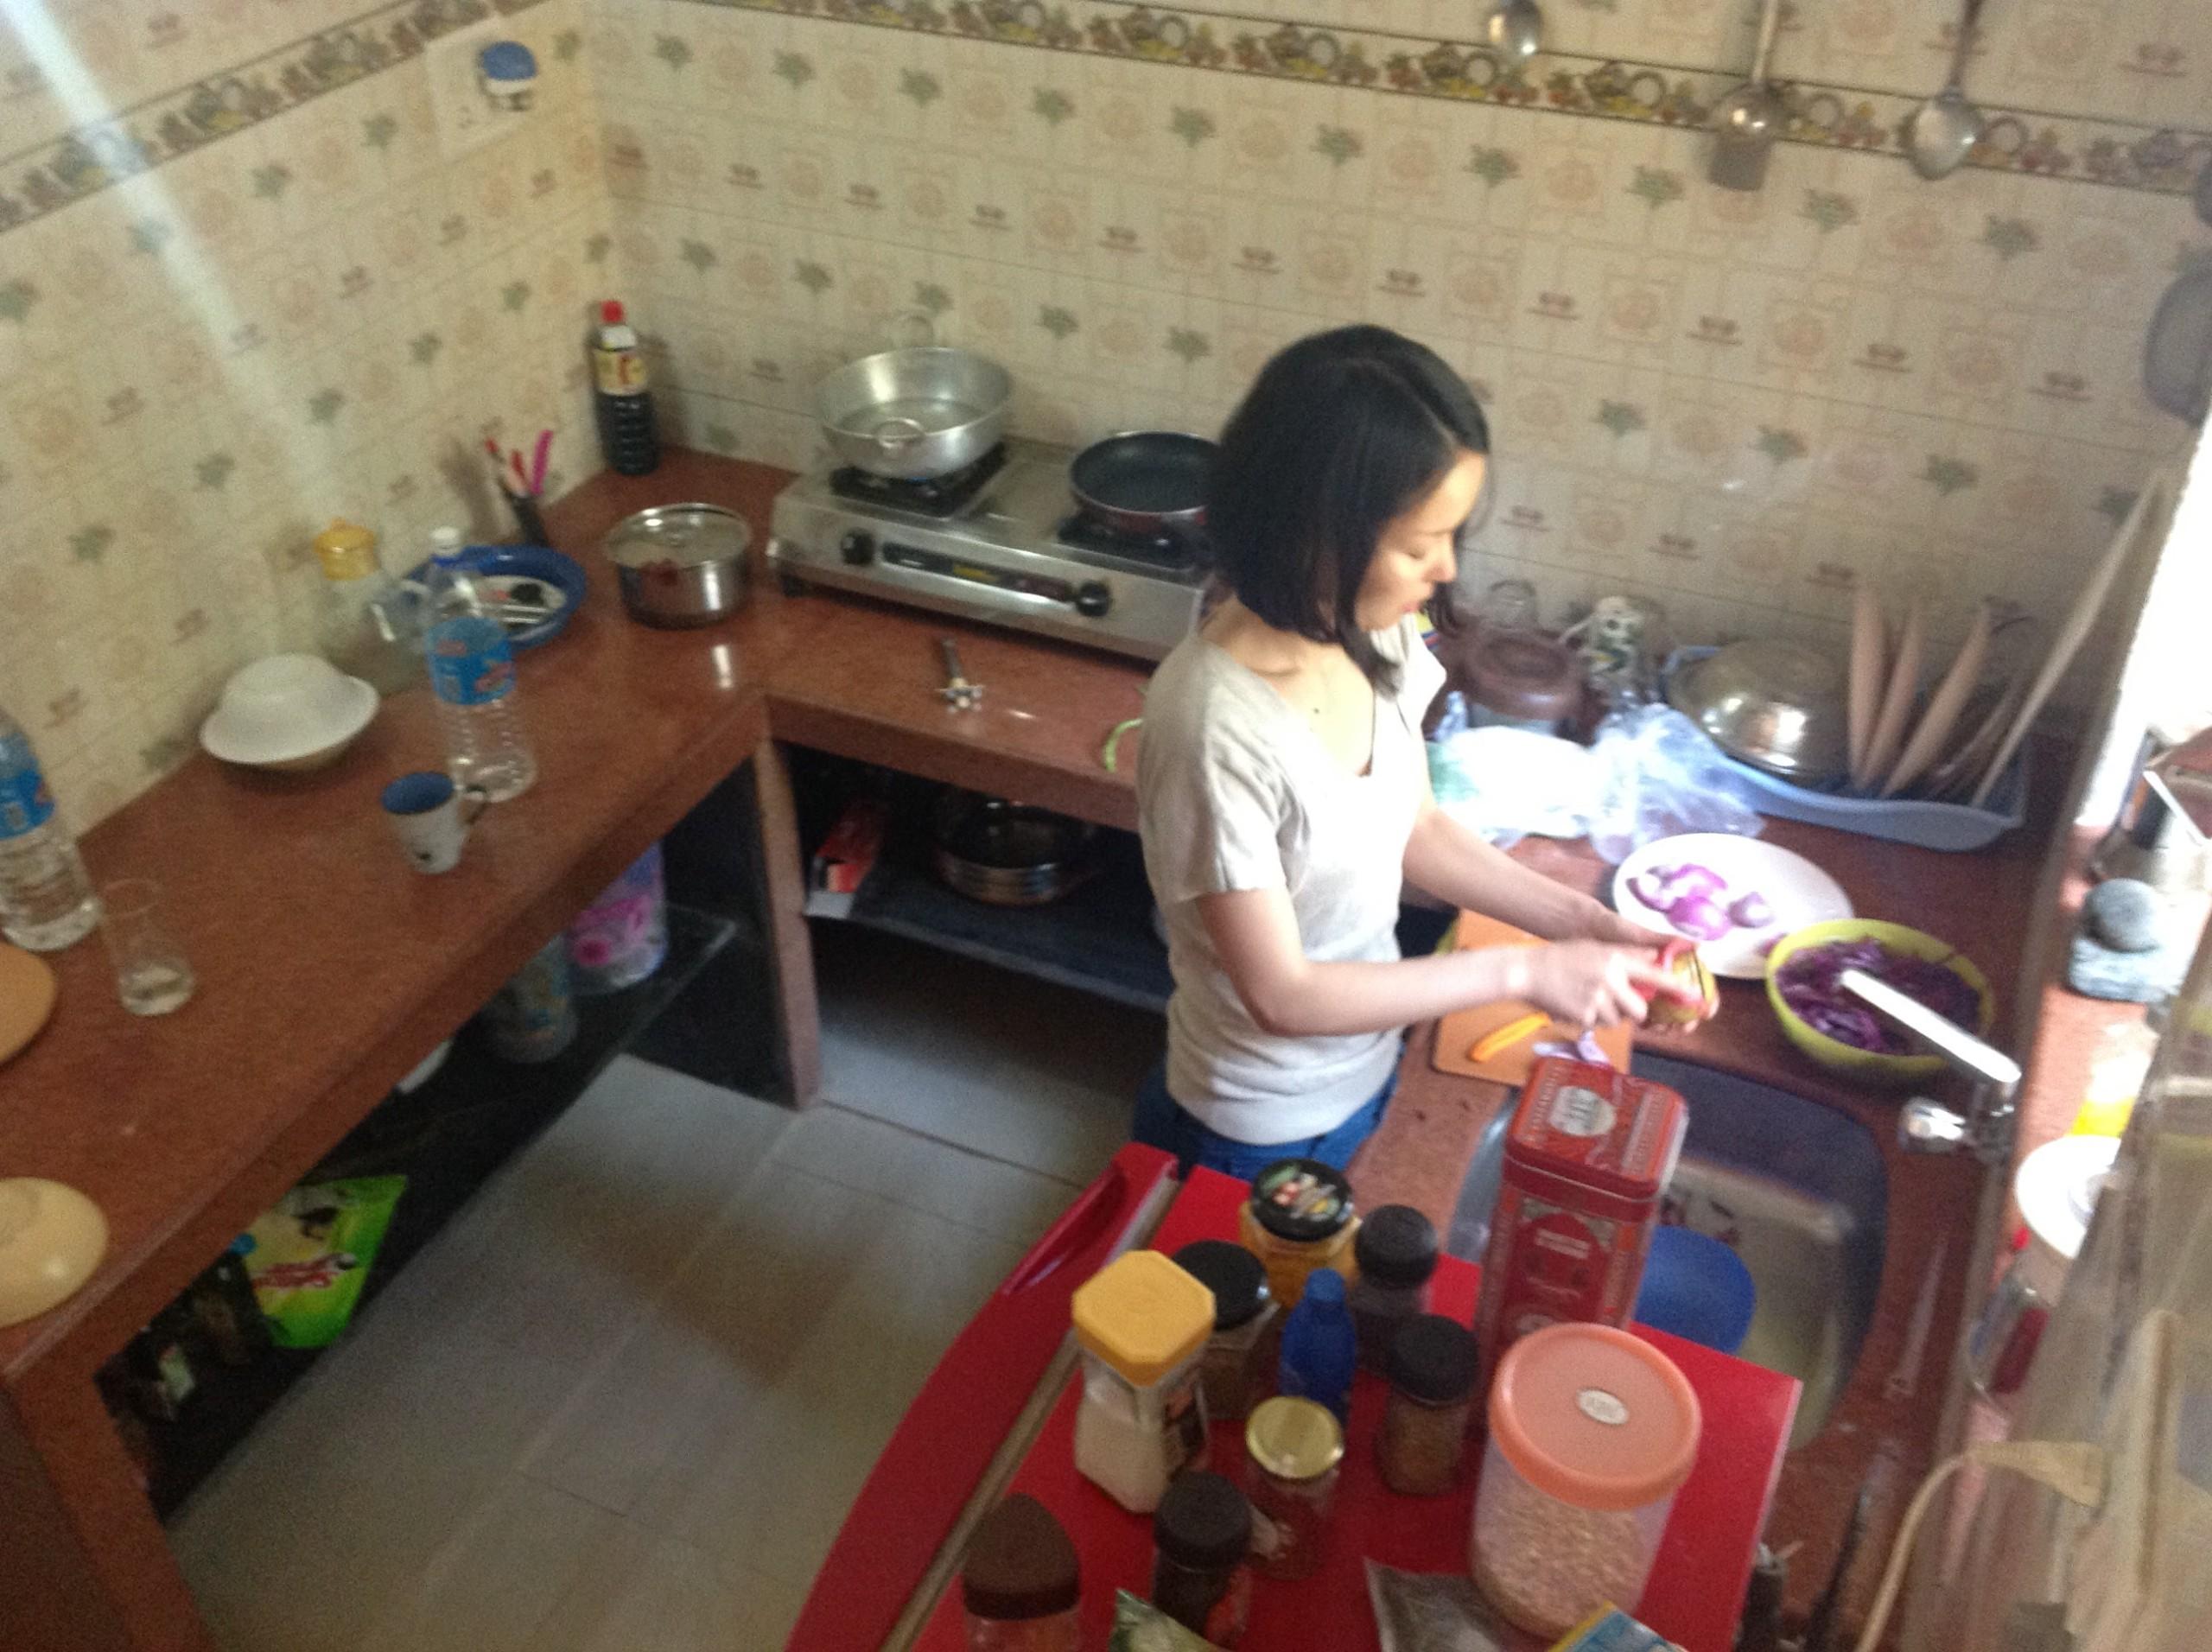 ベジタリアンにはまって、教えてもらったインド家庭料理で夕飯の支度をしてた。